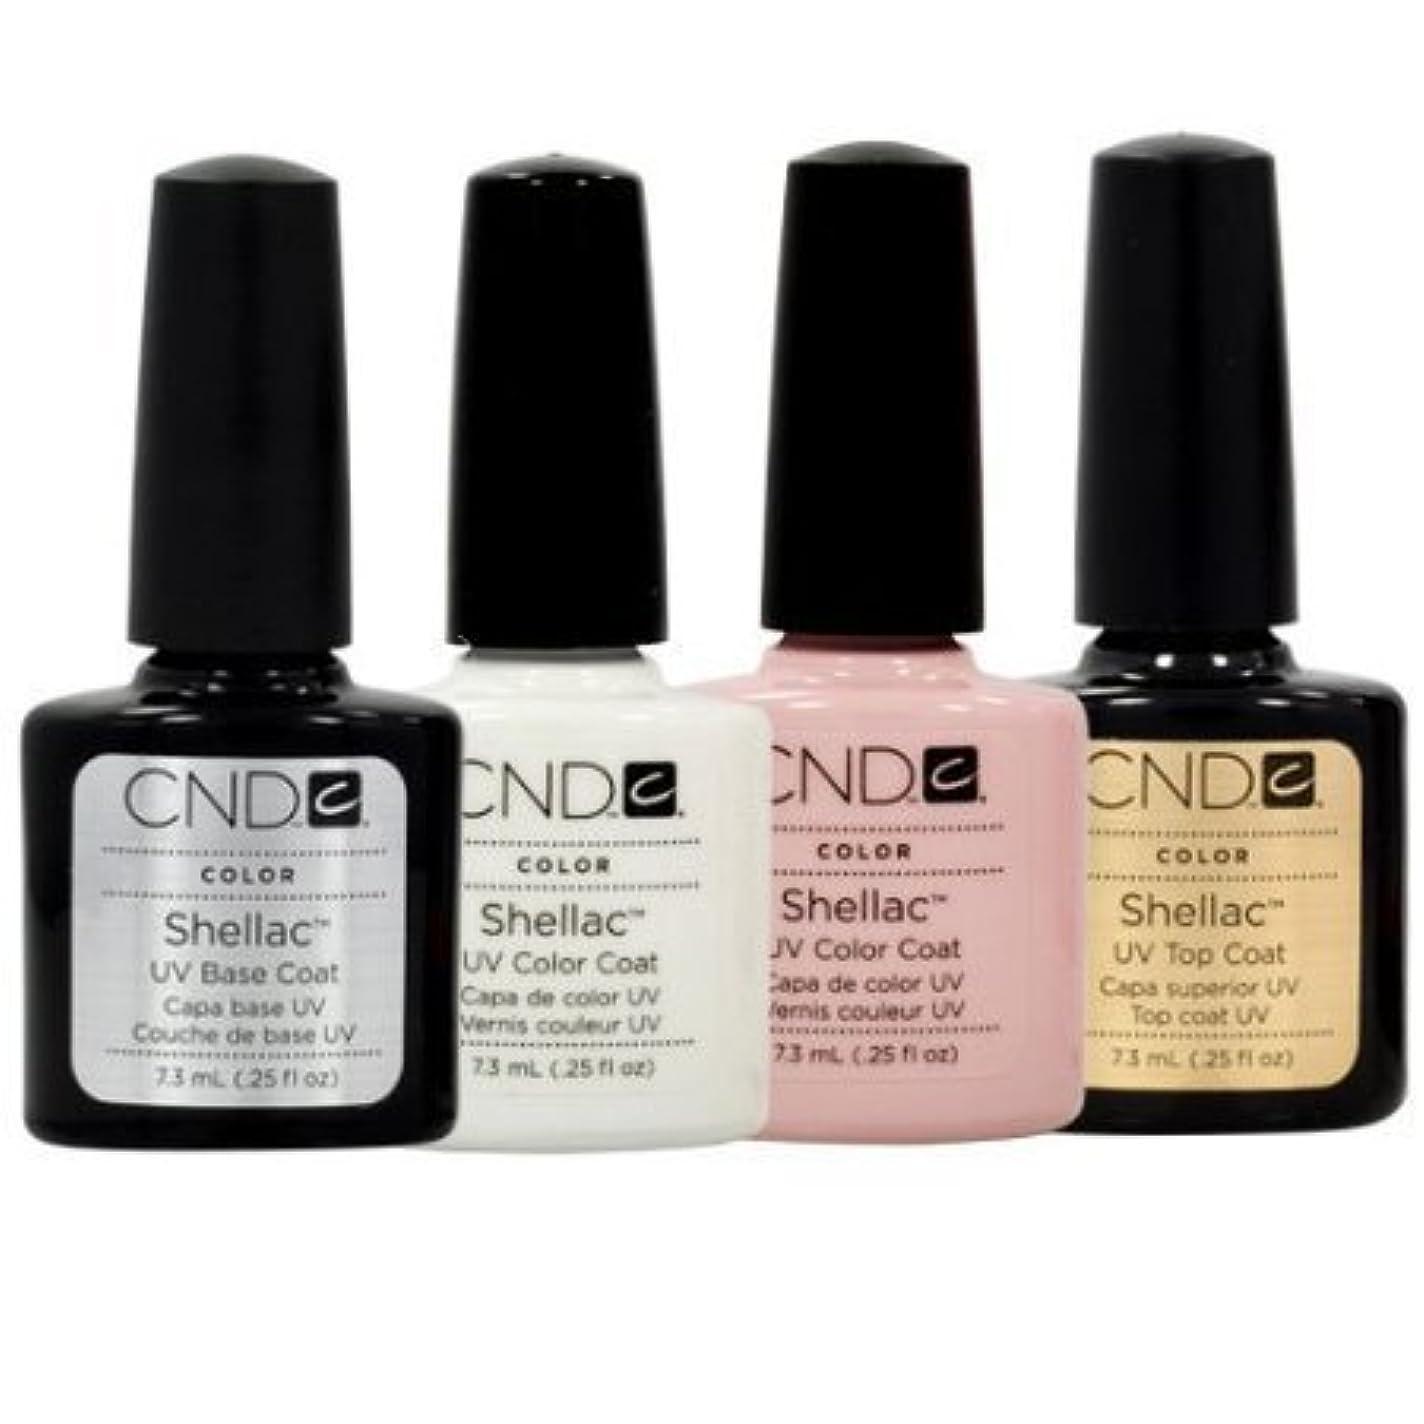 バンカー提供する暴露CND Shellac French Manicure Kit Base Top Coat Color White Pink Nail Polish Gel by CND - Creative Nail Design [...